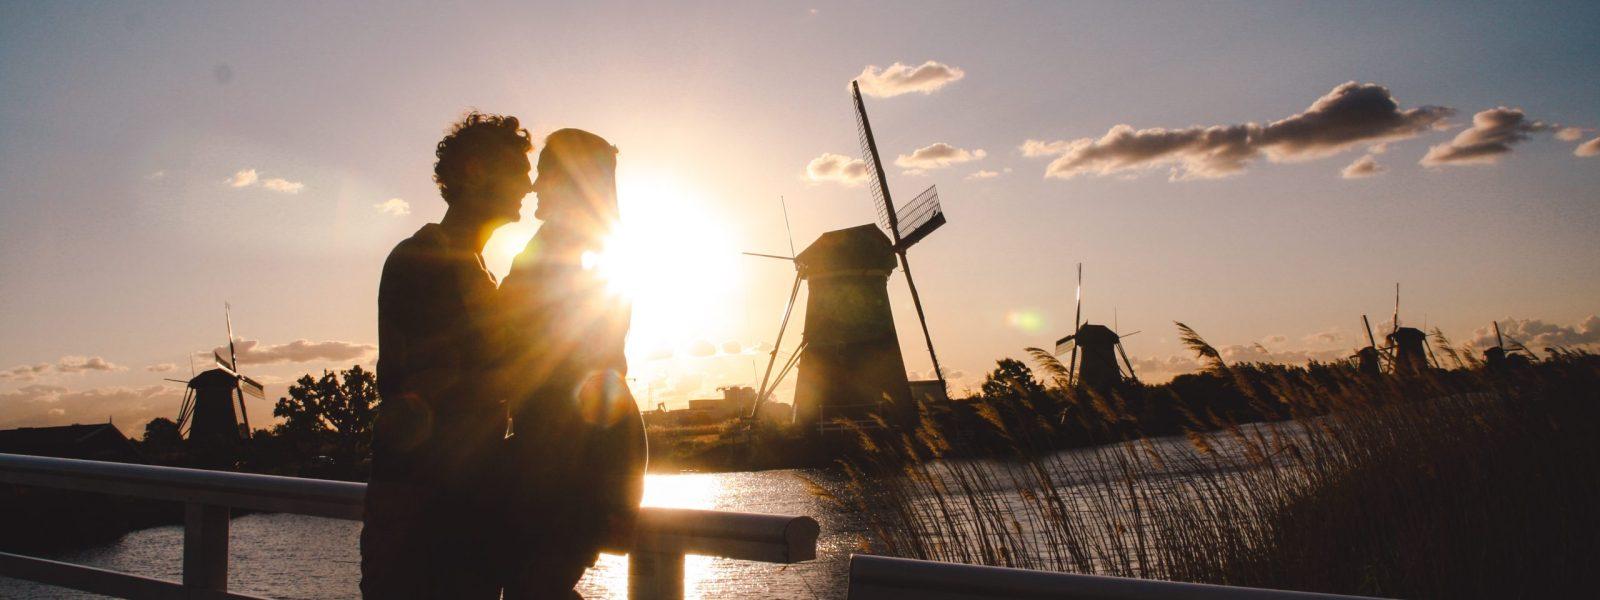 Weekendje weg in Nederland: 10 tips voor een weekendtrip in eigen land